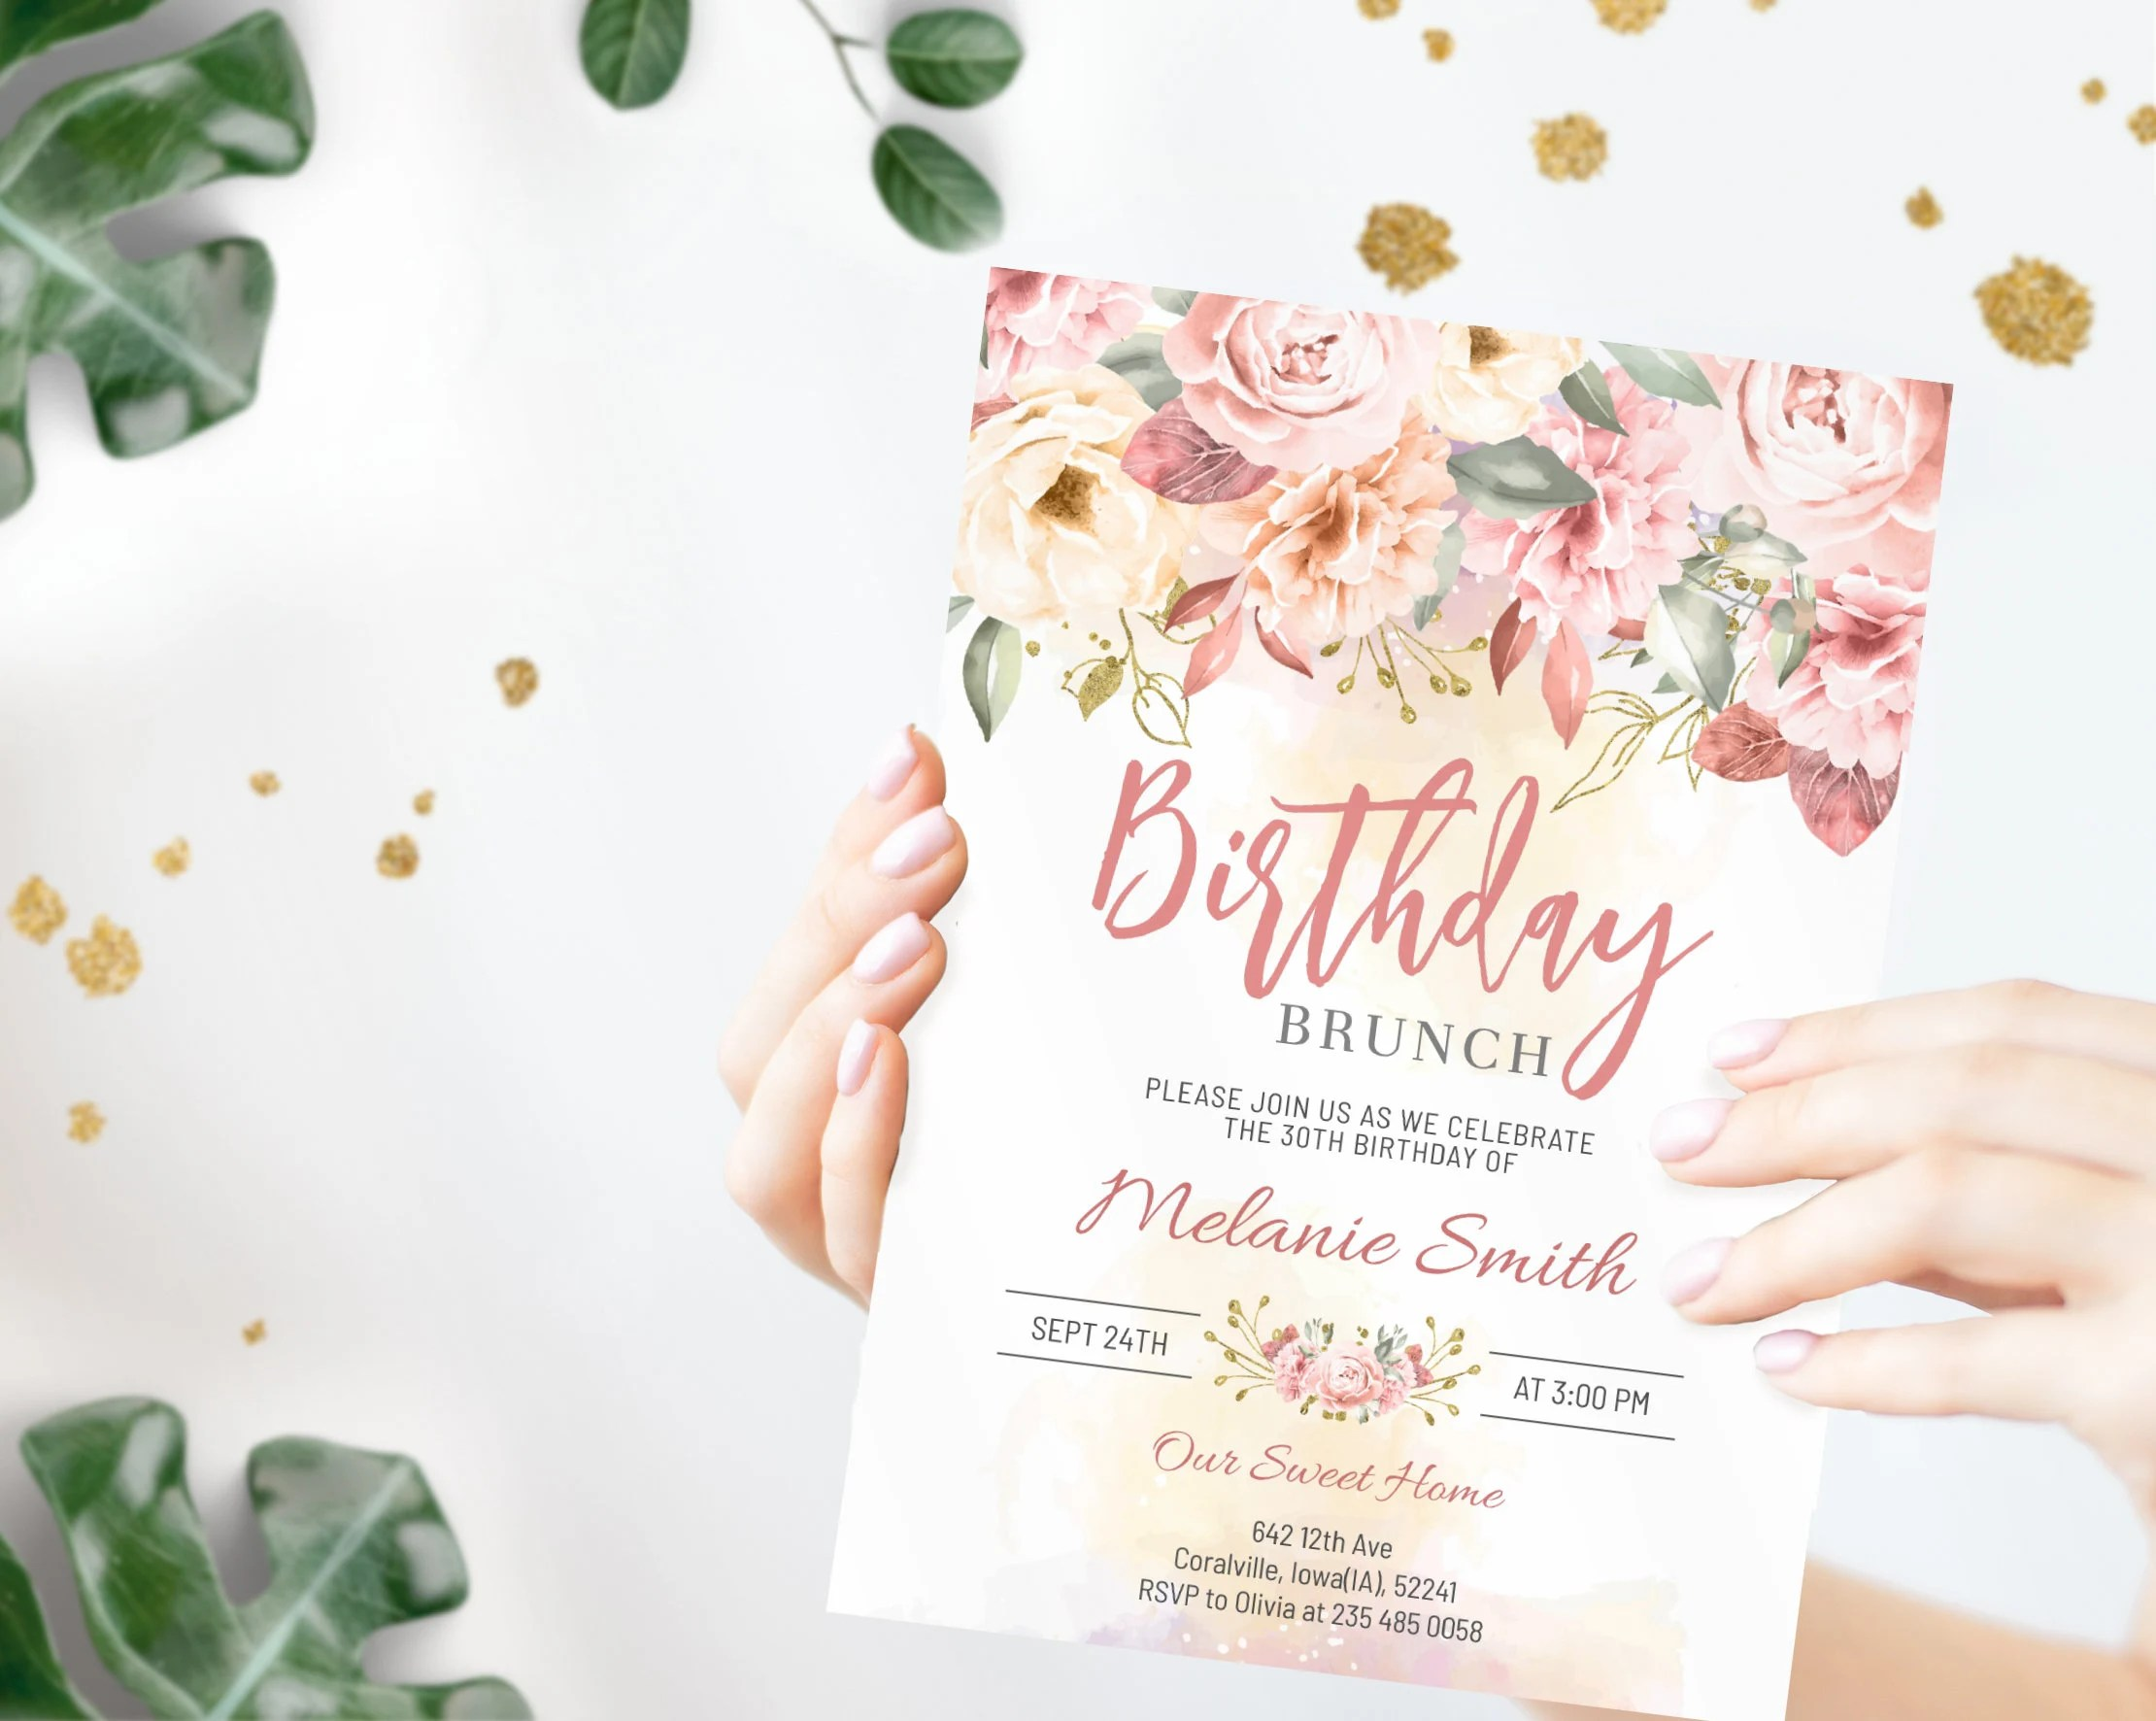 birthday brunch invitation etsy